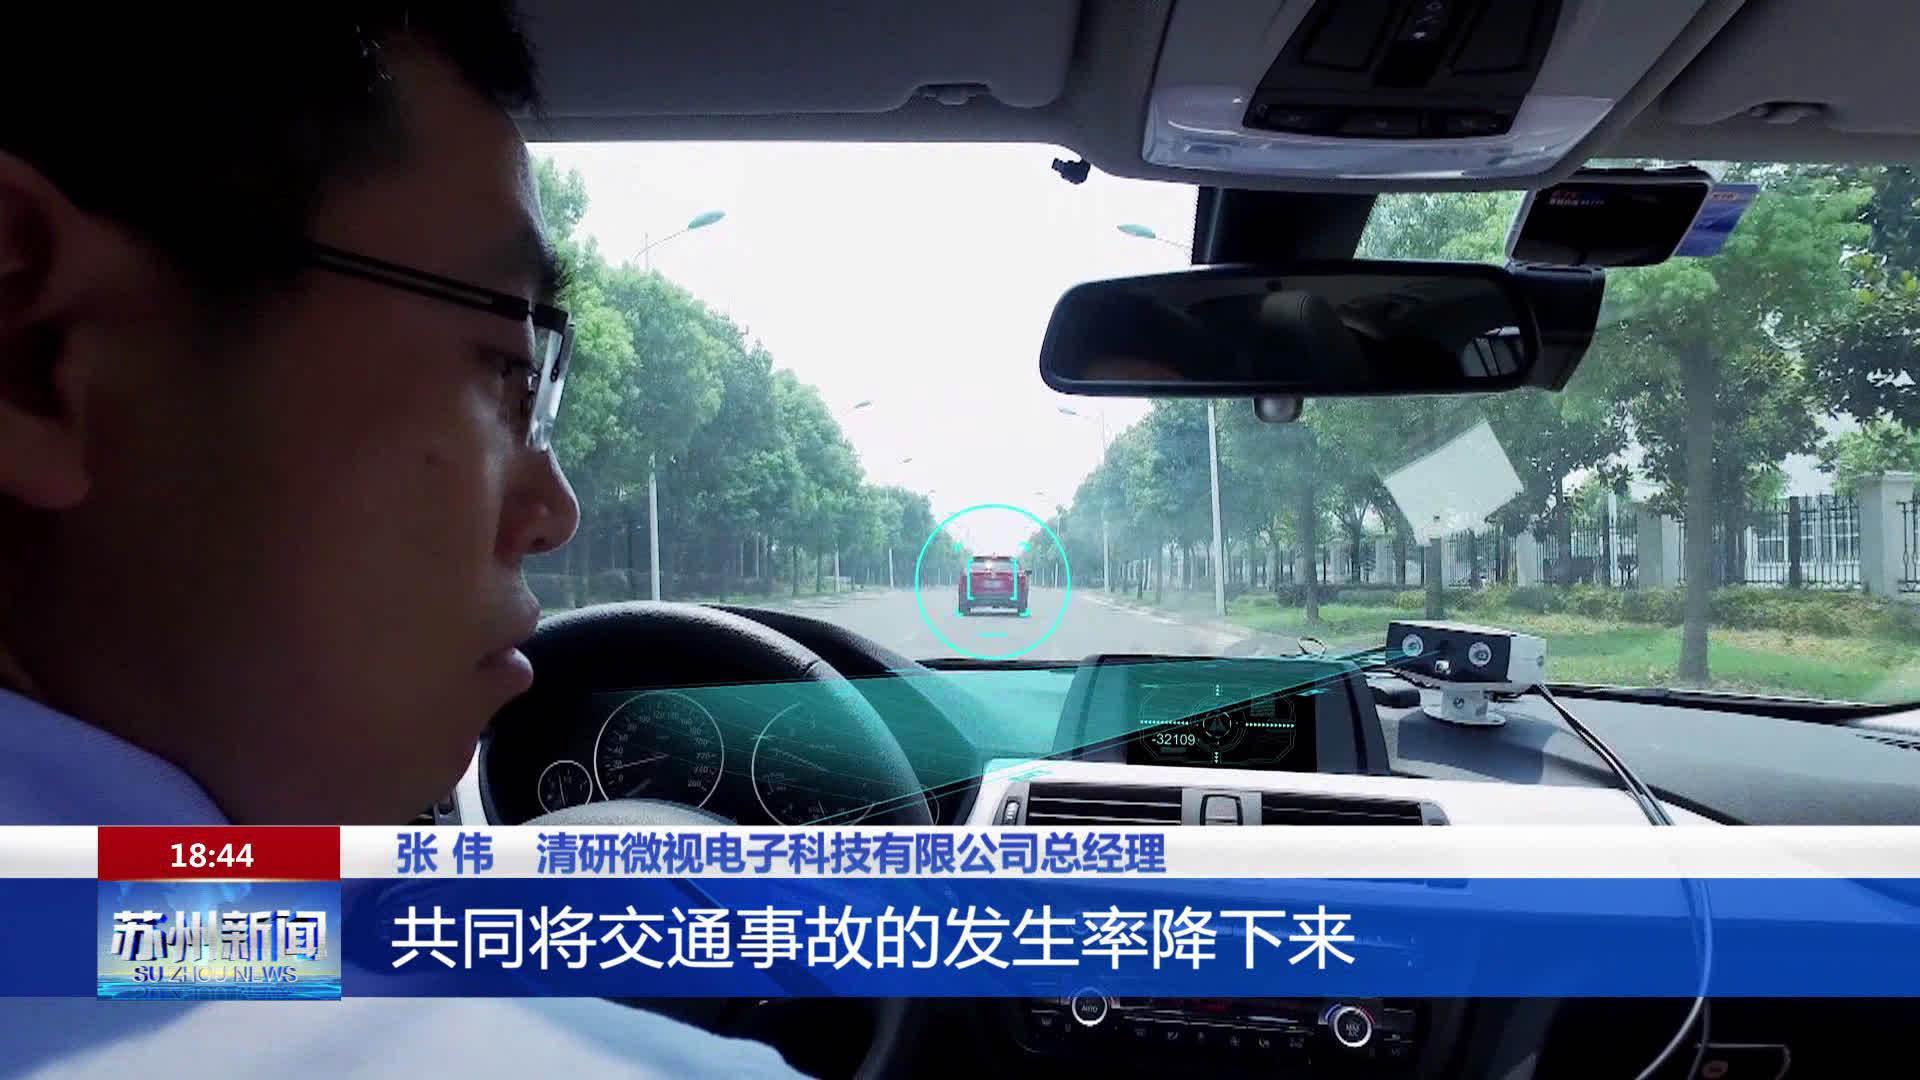 中国汽车技术转移大会在吴江举行